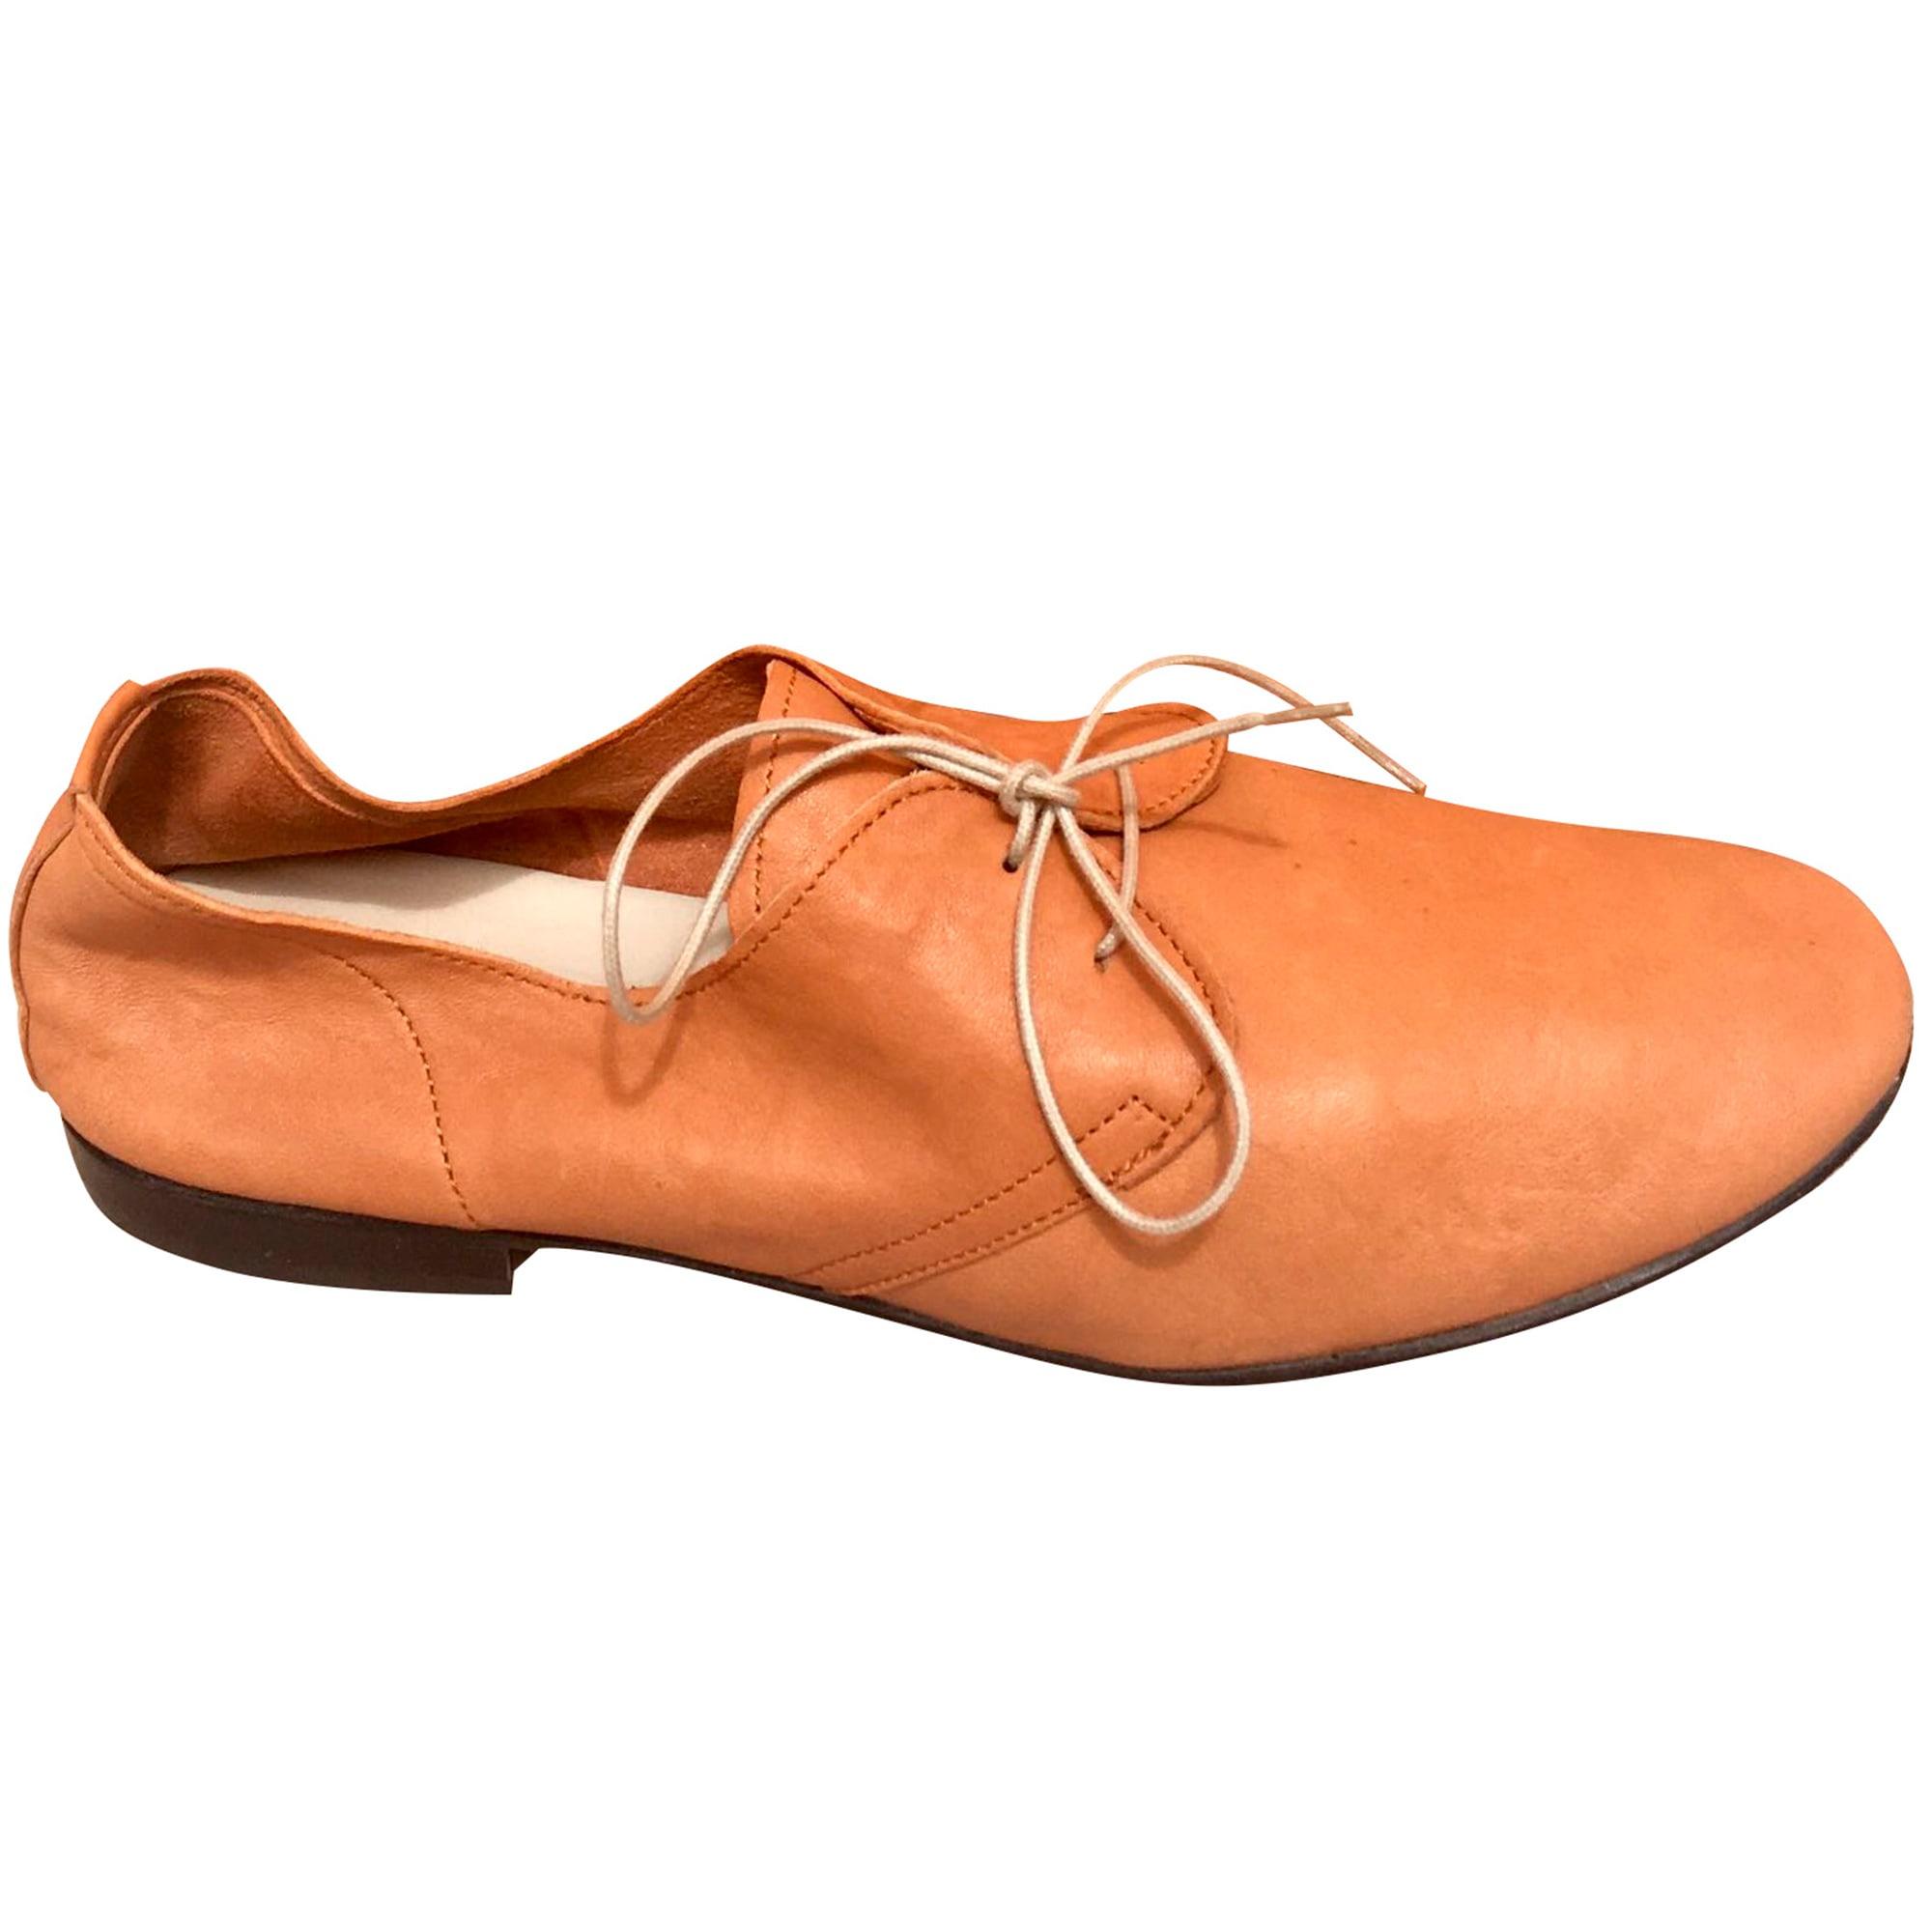 Chaussures à lacets  ANNIEL Beige, camel